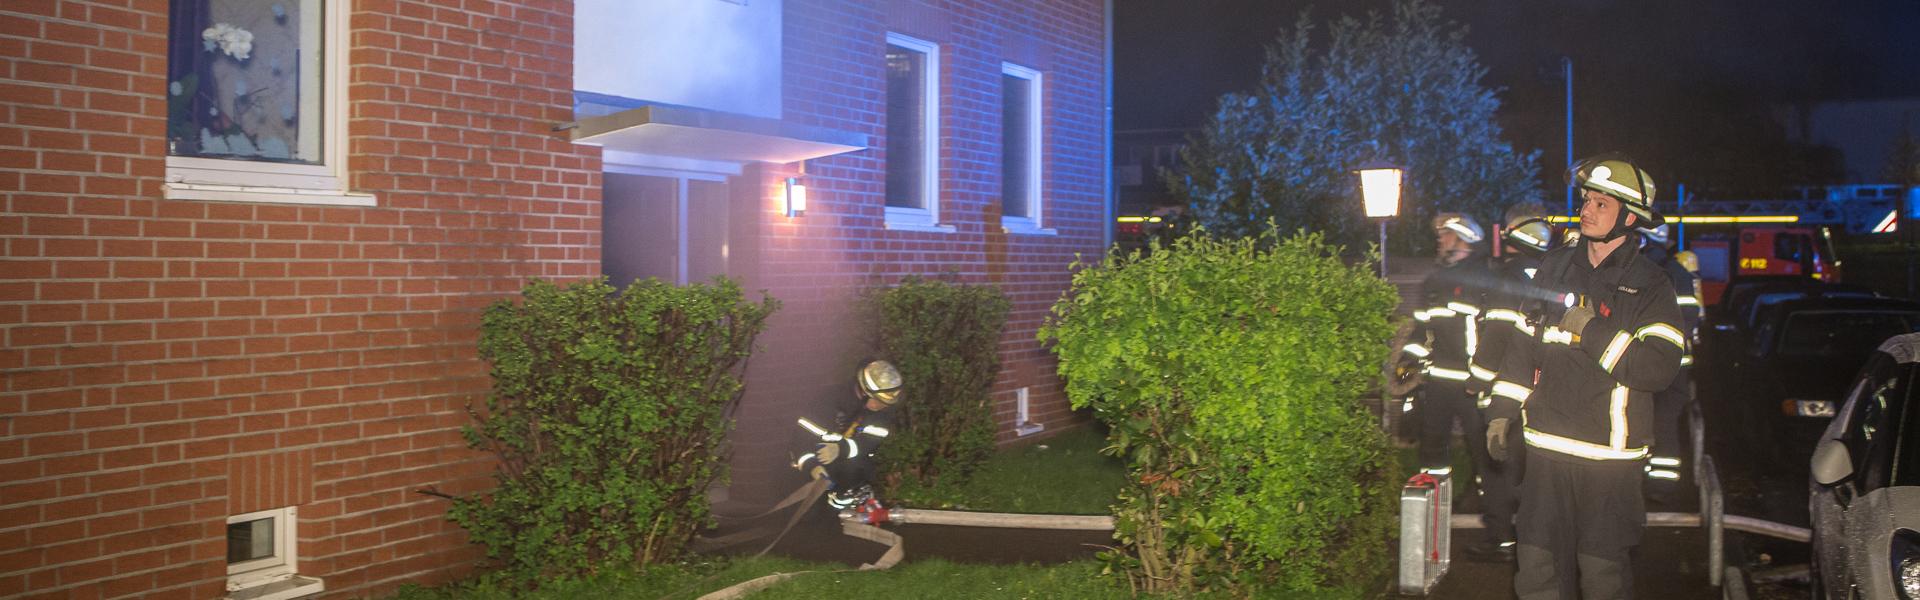 16.04.2017 – Feuerwehr rettet Anwohner aus verrauchtem Treppenhaus